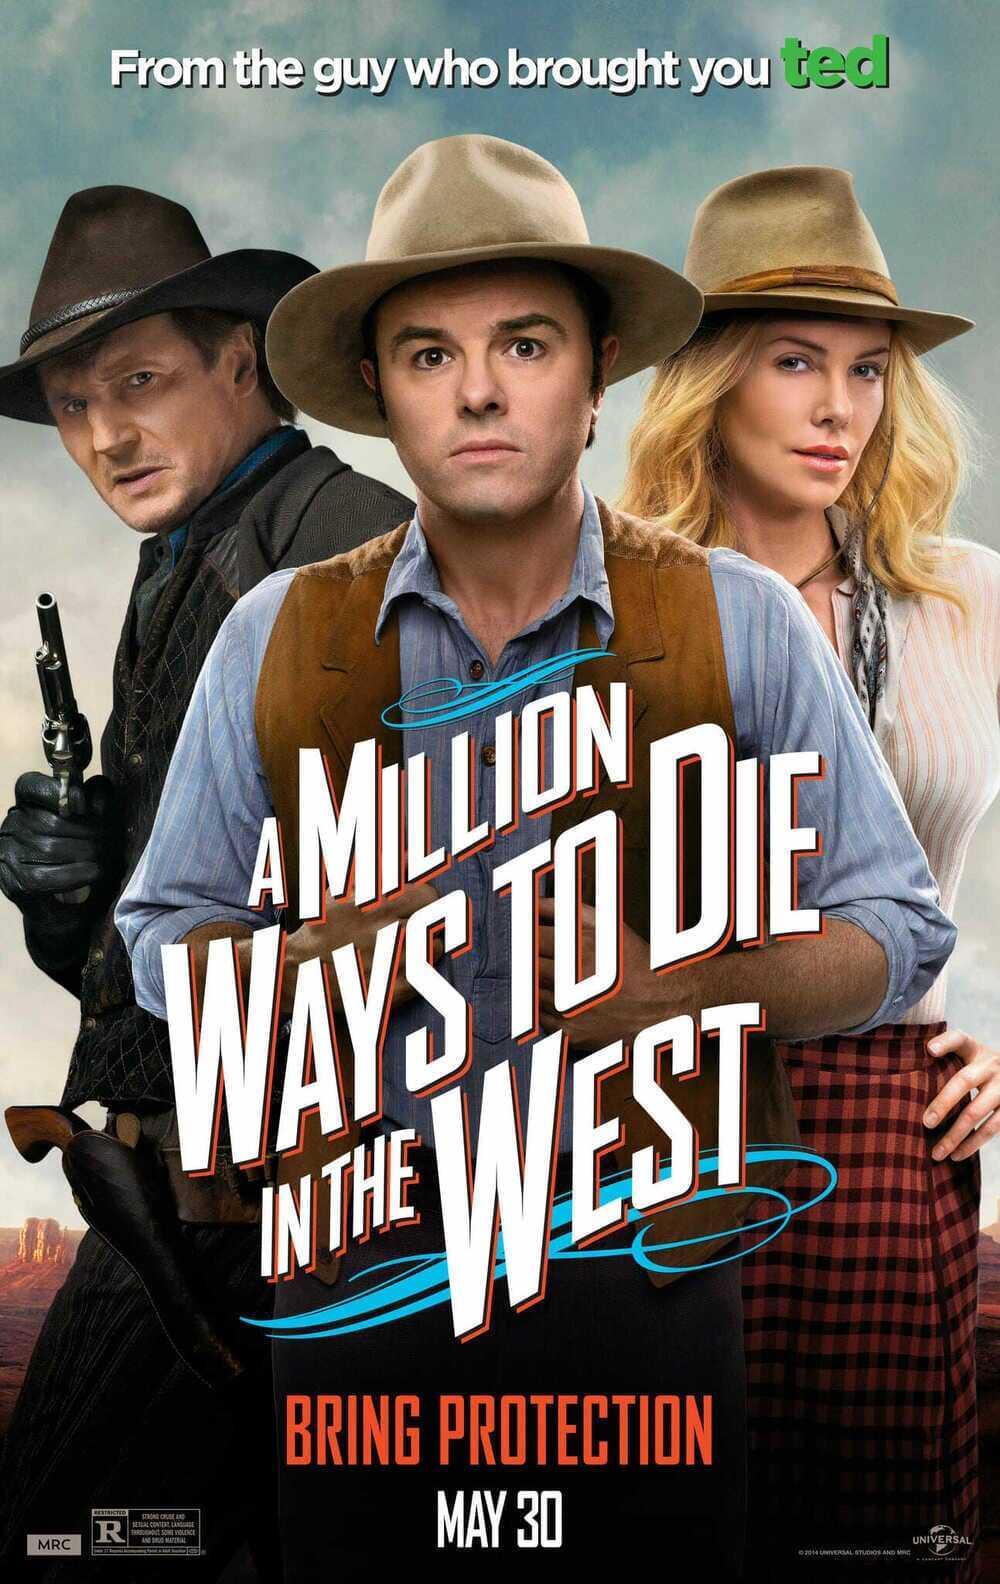 phim cao bồi mỹ triệu cái chết miền viễn tây